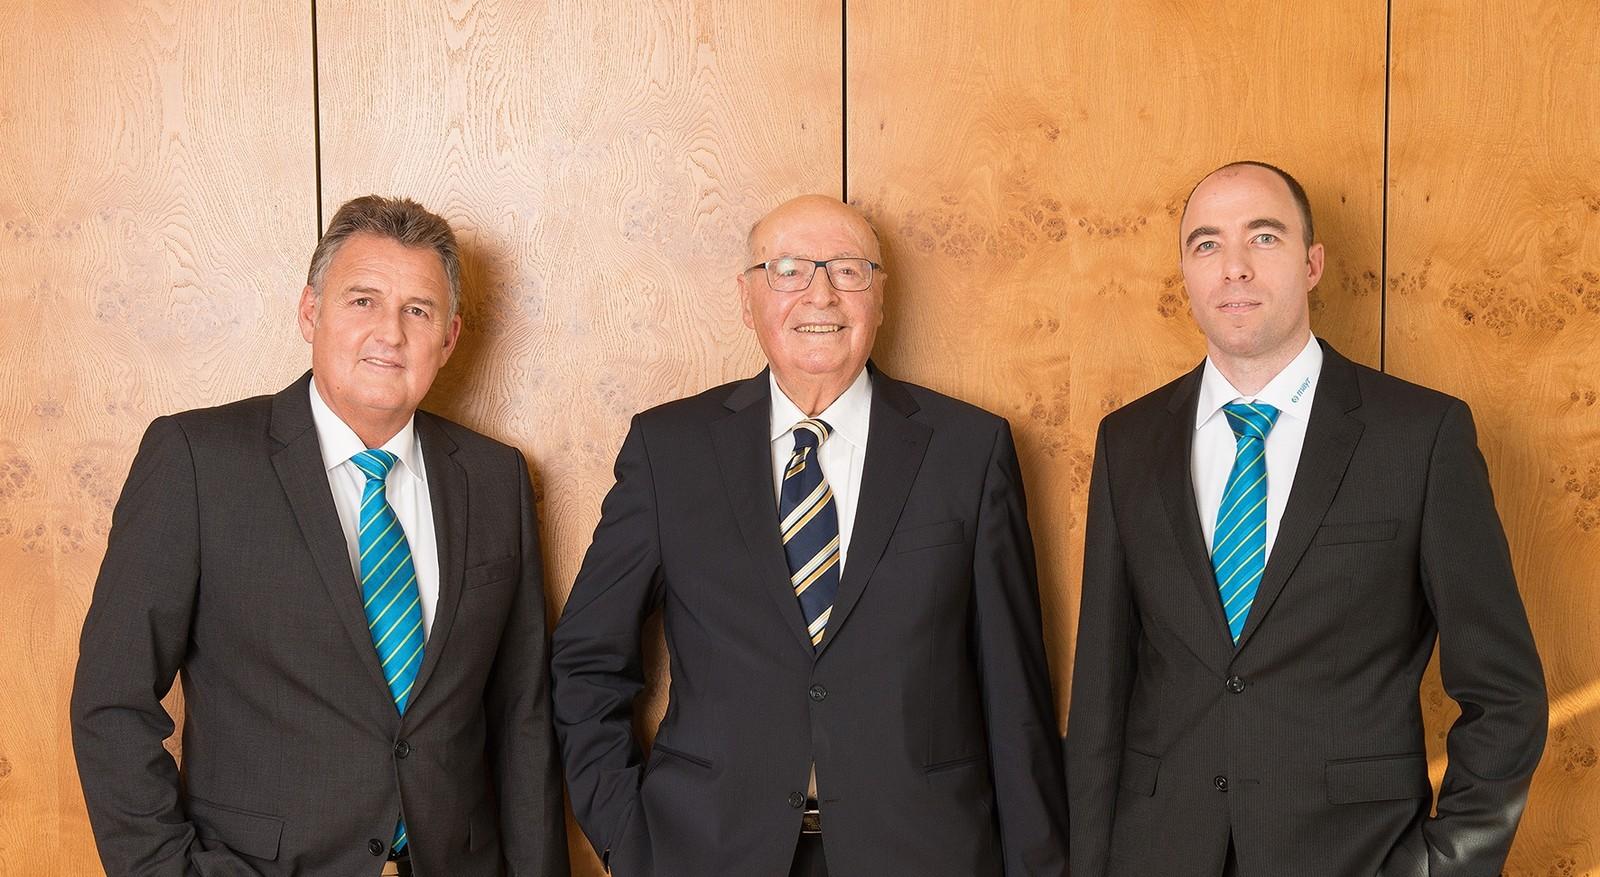 Generationenübergreifende Geschäftsführung bei Mayr Antriebstechnik: Günther Klingler, Fritz Mayr und Ferdinand Mayr